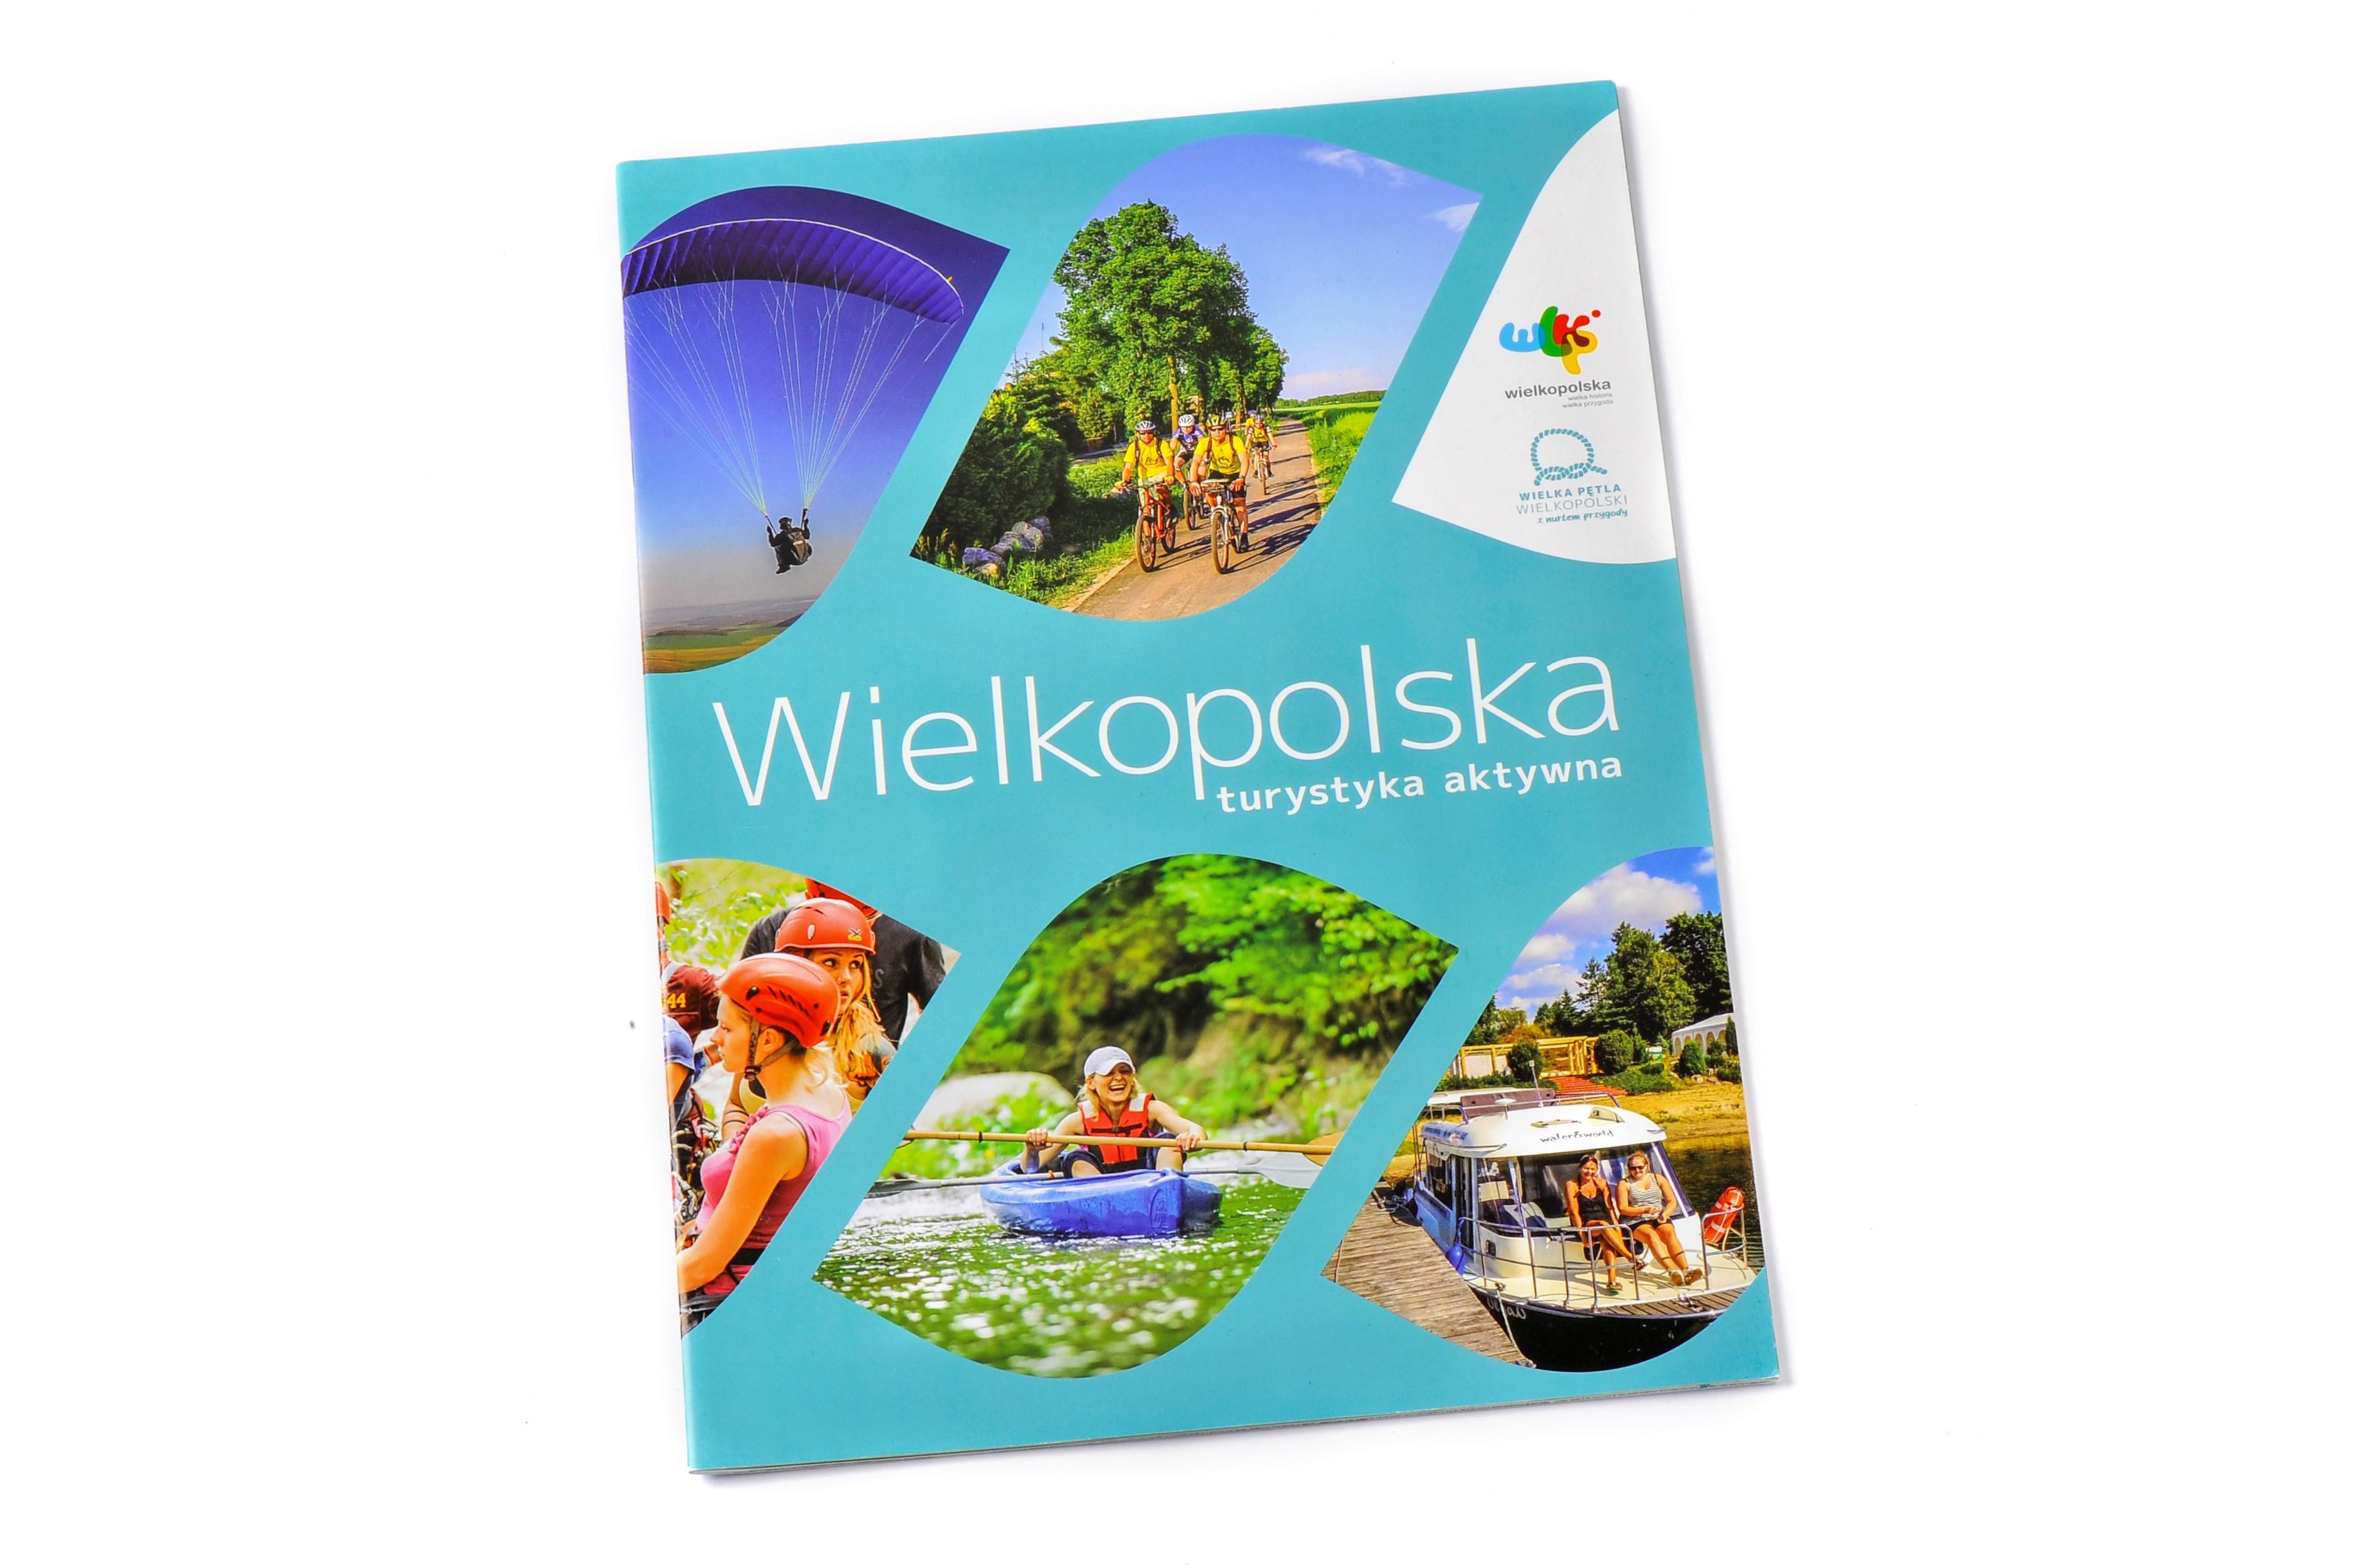 Turystyka aktywna<br>w Wielkopolsce